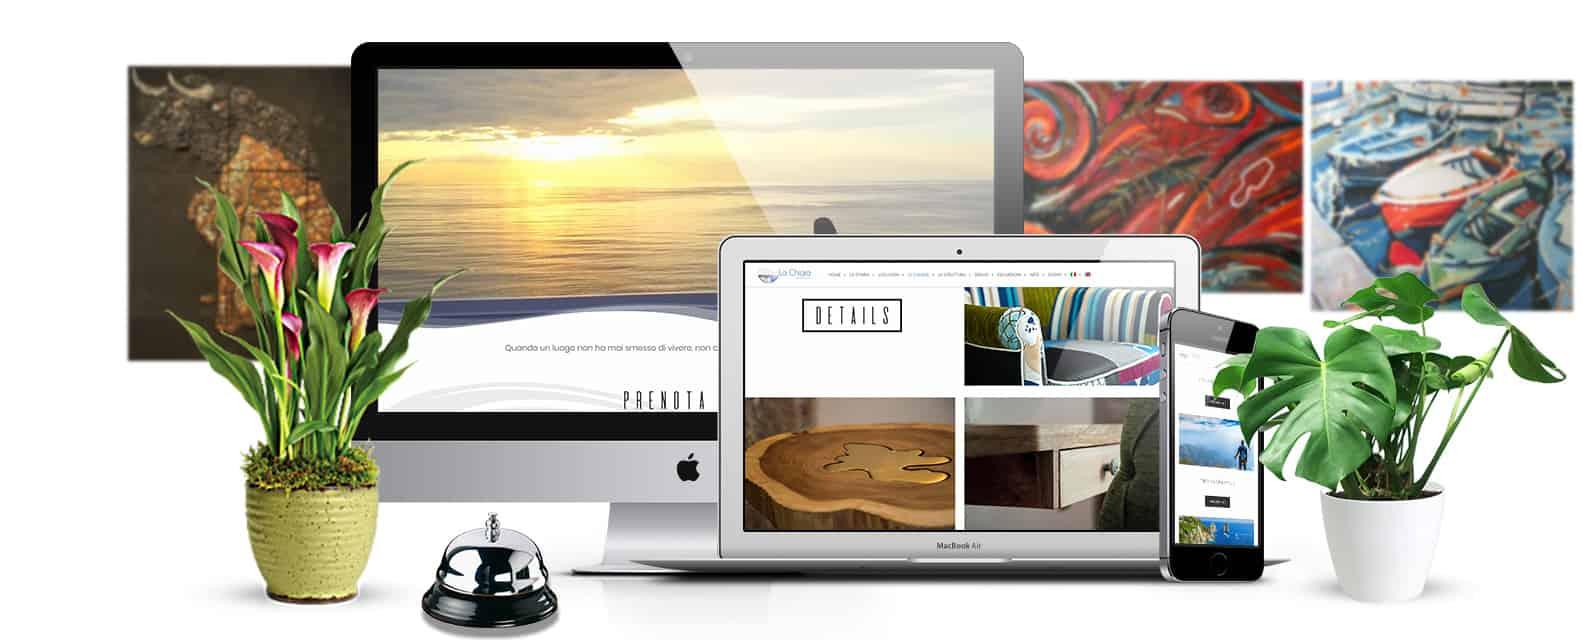 la chiaja castellammare hotel relais sito web flashex - Sito Web Albergo,Hotel - La Chiaja Art&Relais Castellammare di Stabia - Web Agency Napoli Flashex